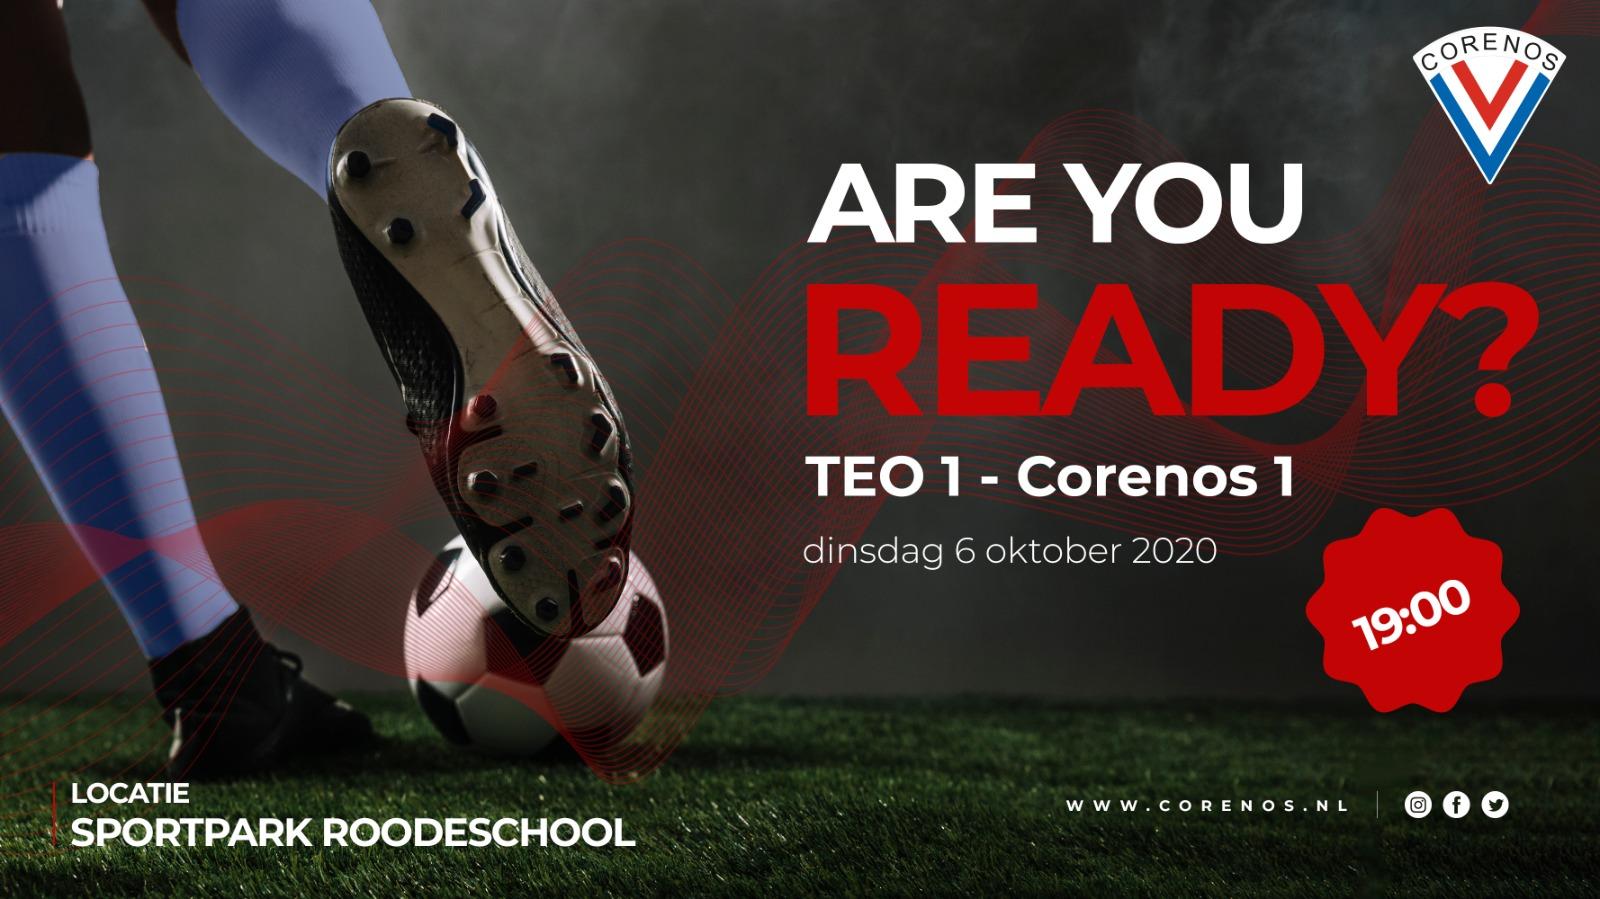 Programma 6 oktober